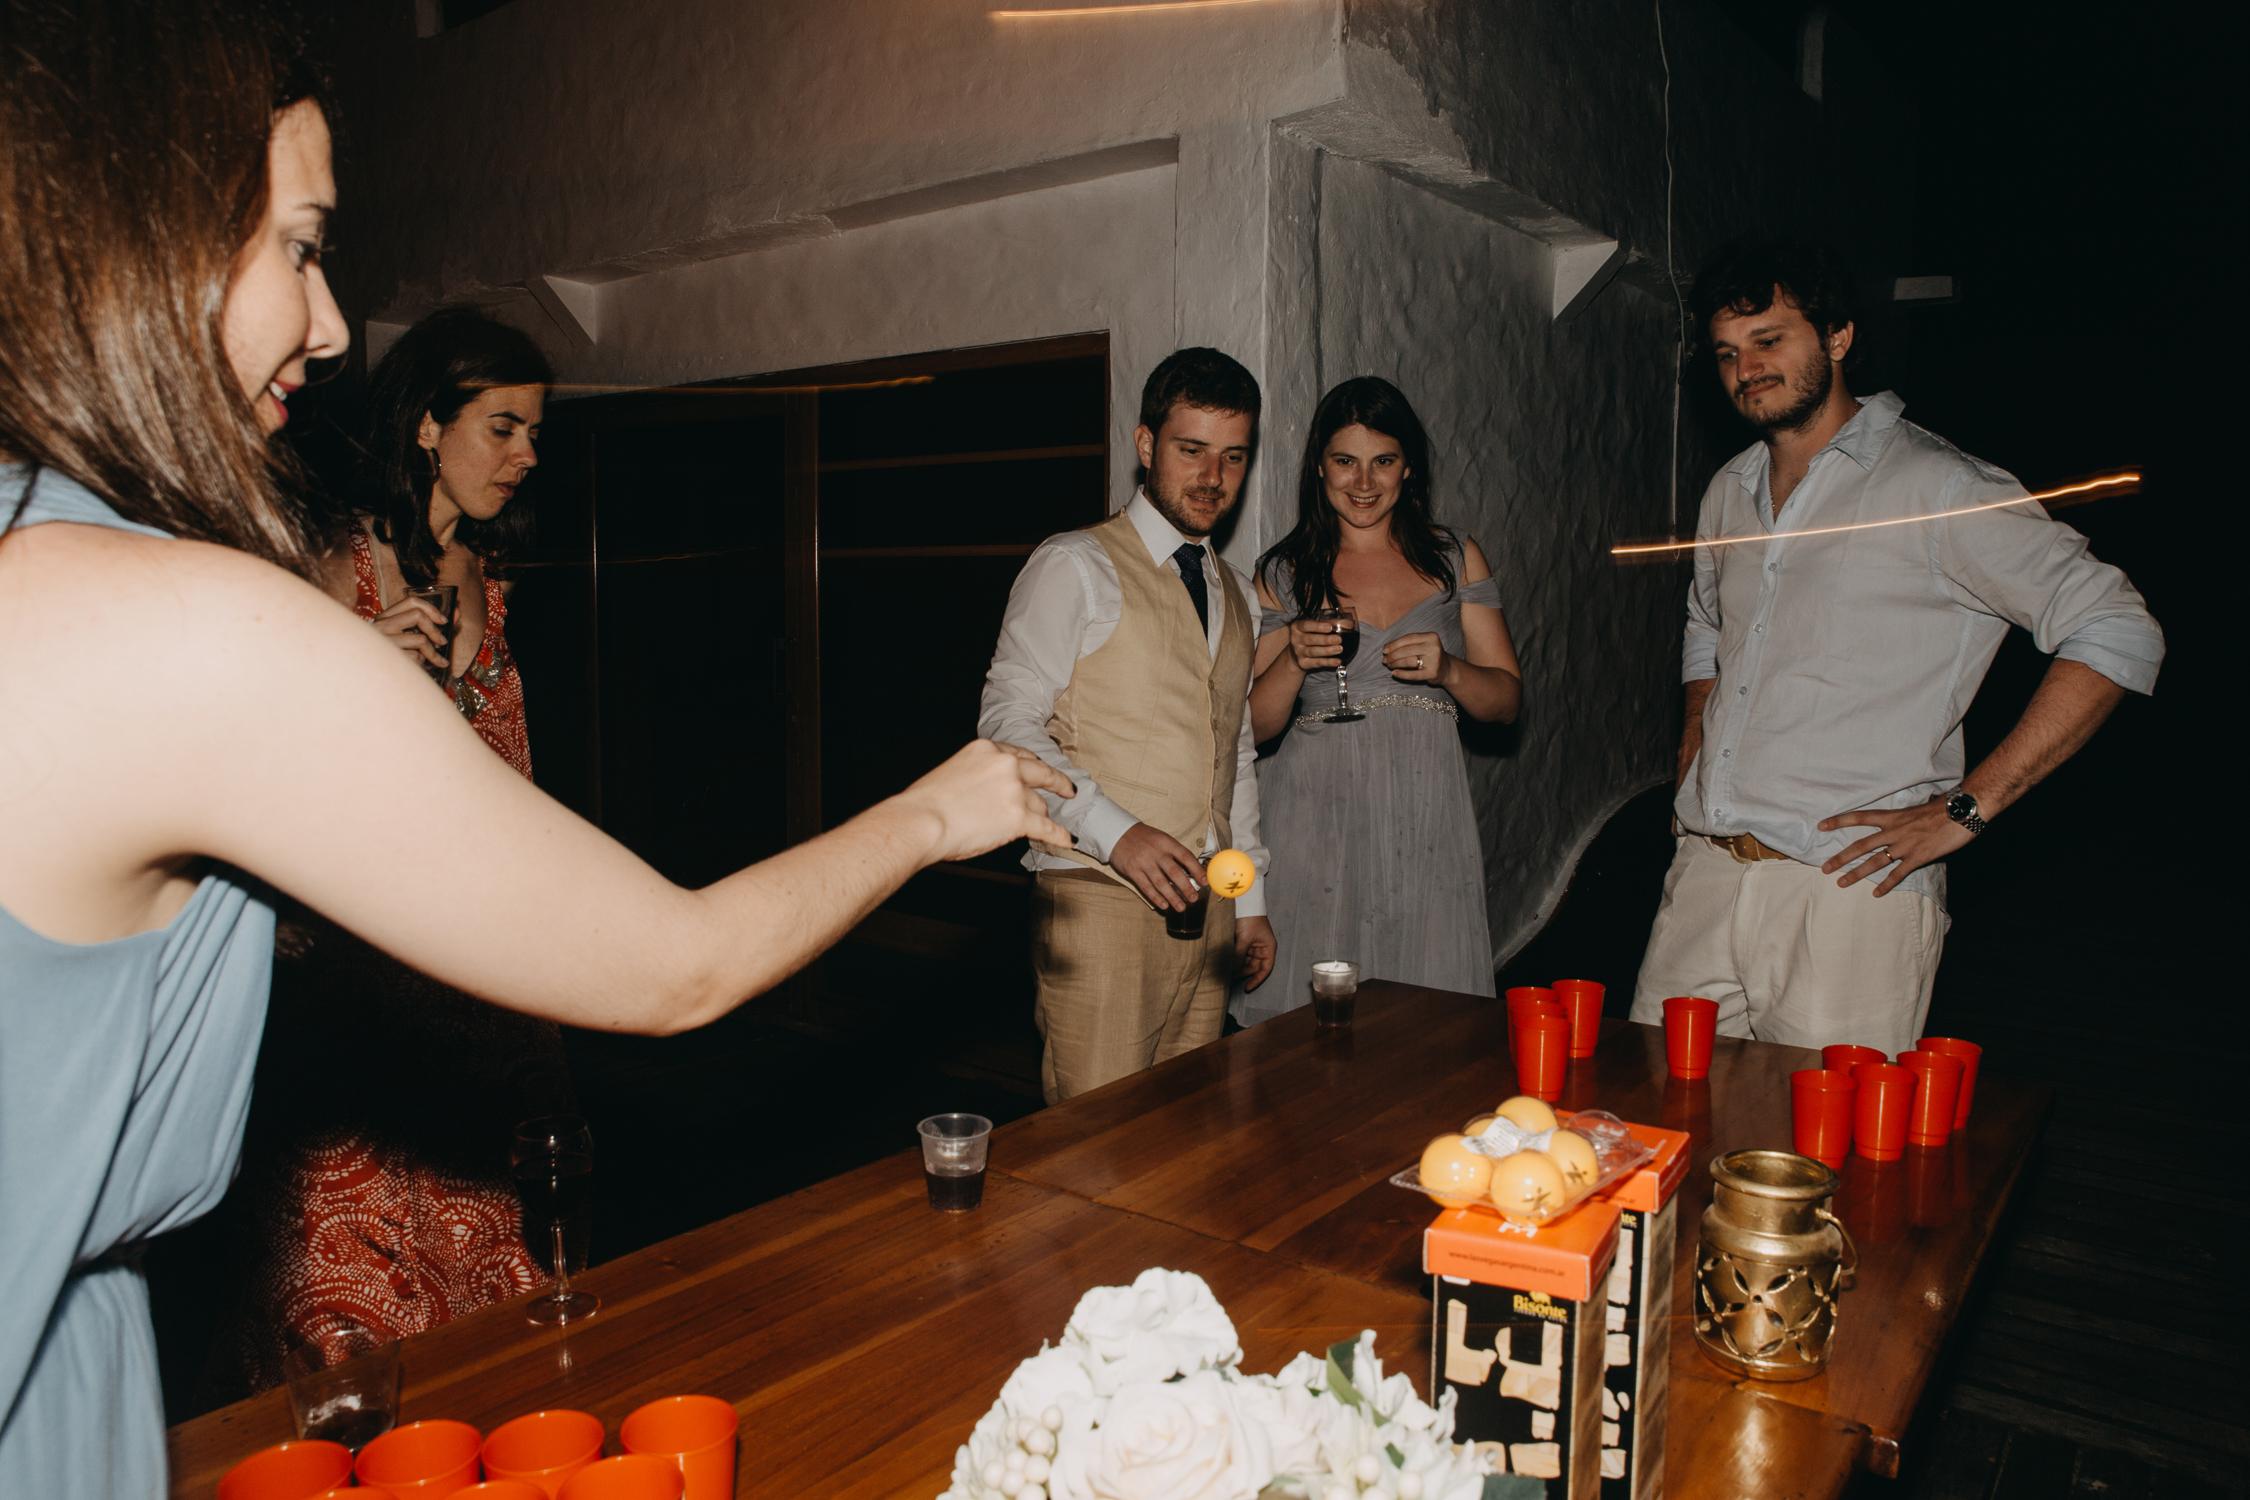 Michelle-Agurto-Fotografia-Bodas-Ecuador-Destination-Wedding-Photographer-Galapagos-Andrea-Joaquin-480.JPG